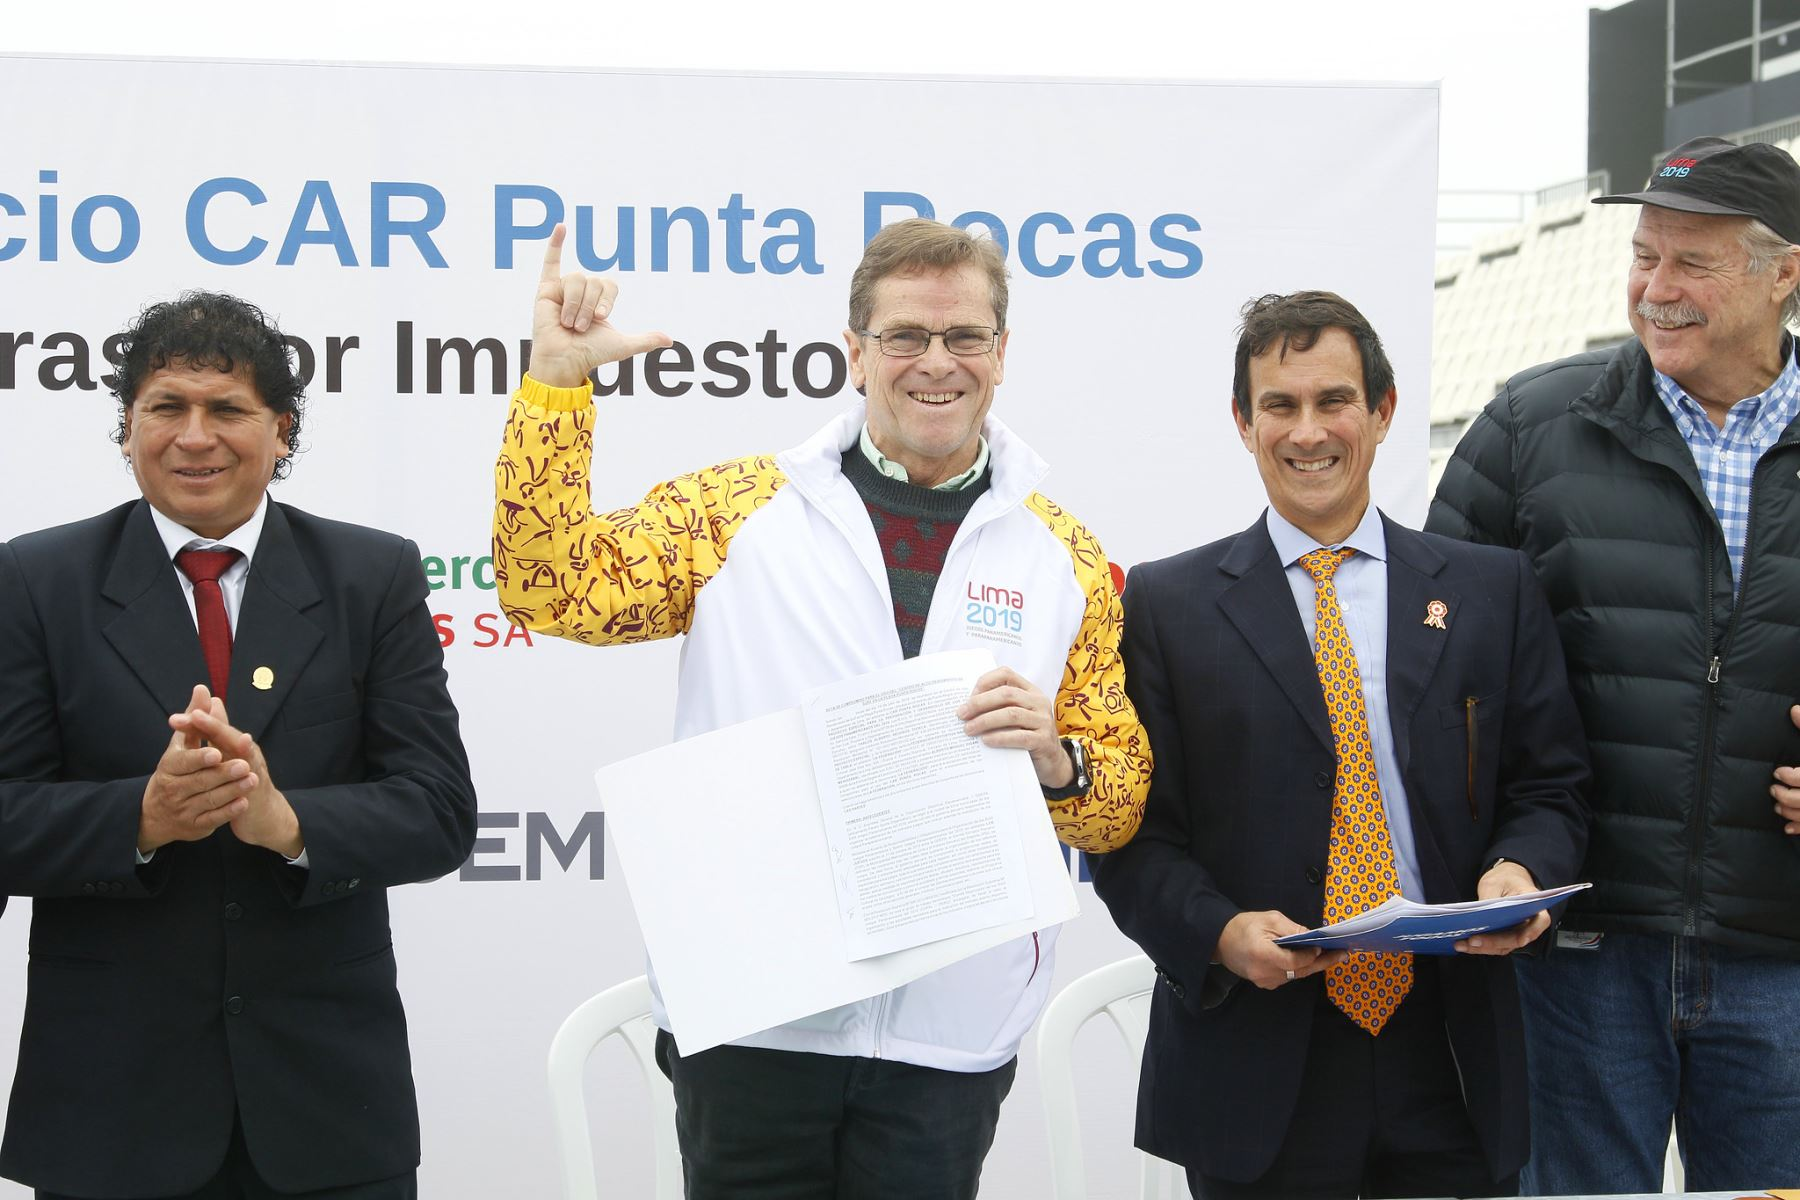 El presidente de Lima 2019 hace entrega del Centro de Alto Rendimiento del Surf